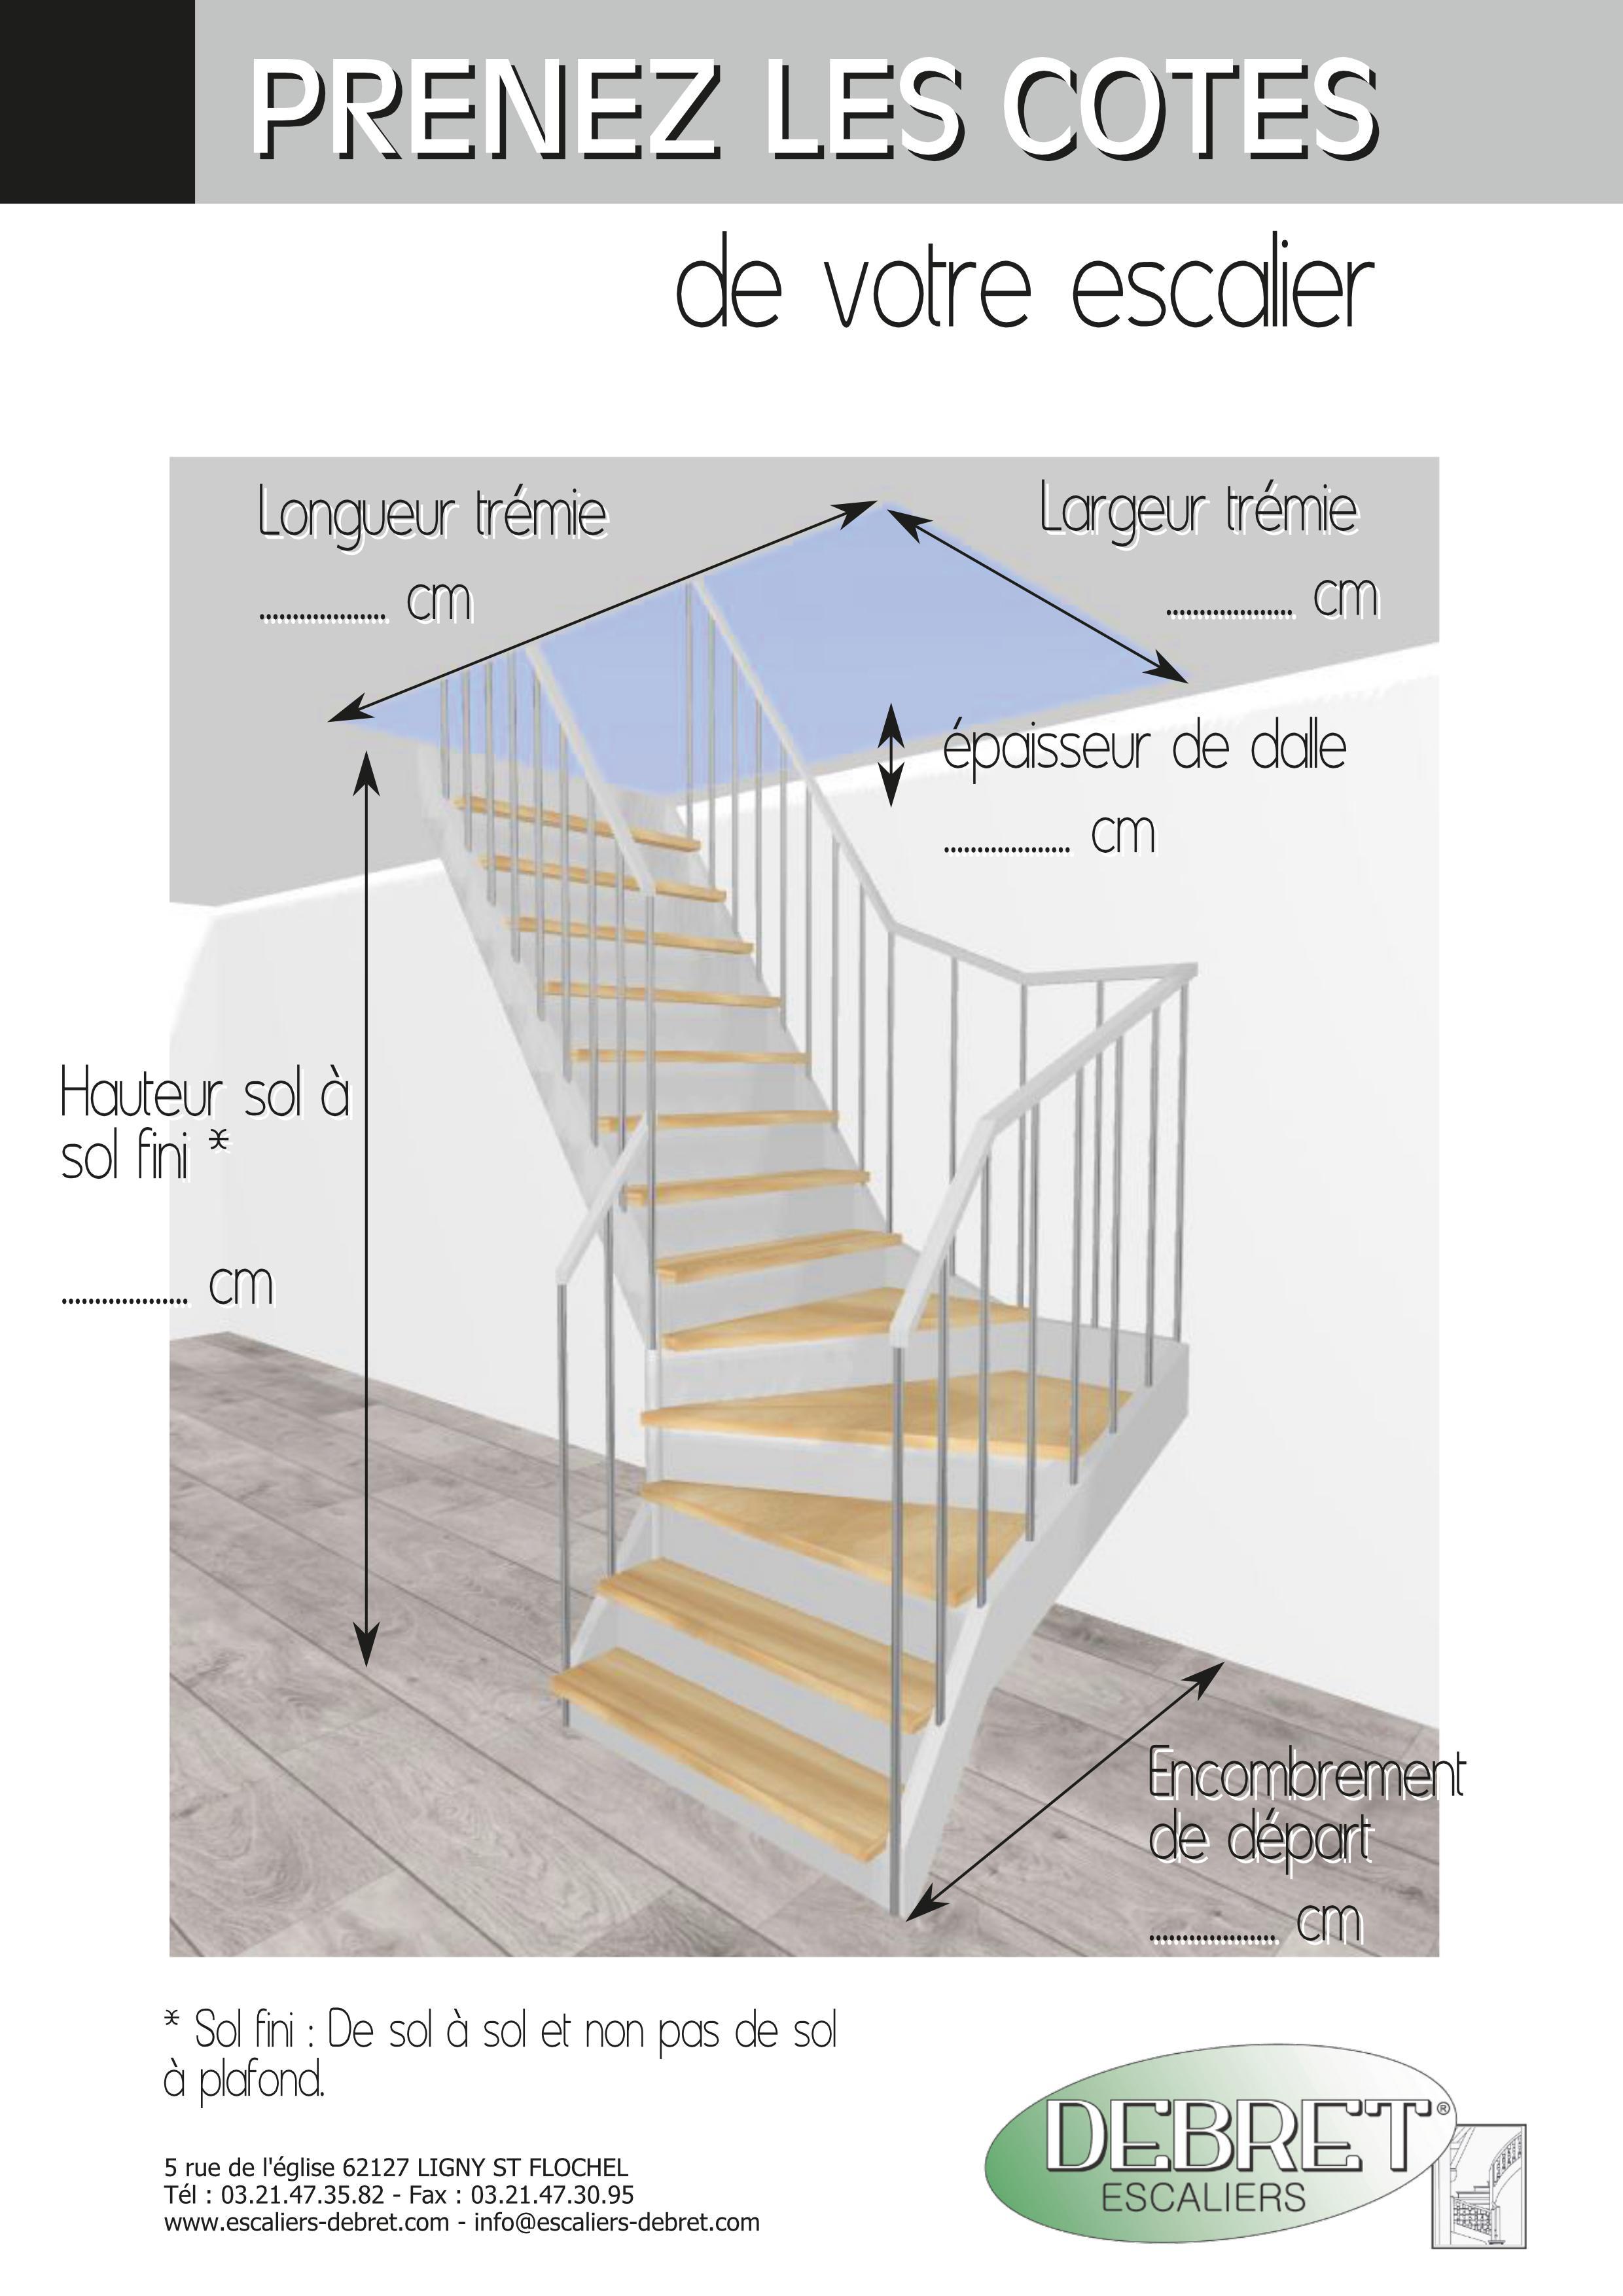 comment prendre les cotes d 39 un escalier fabricant d 39 escaliers sur mesure debret escaliers. Black Bedroom Furniture Sets. Home Design Ideas